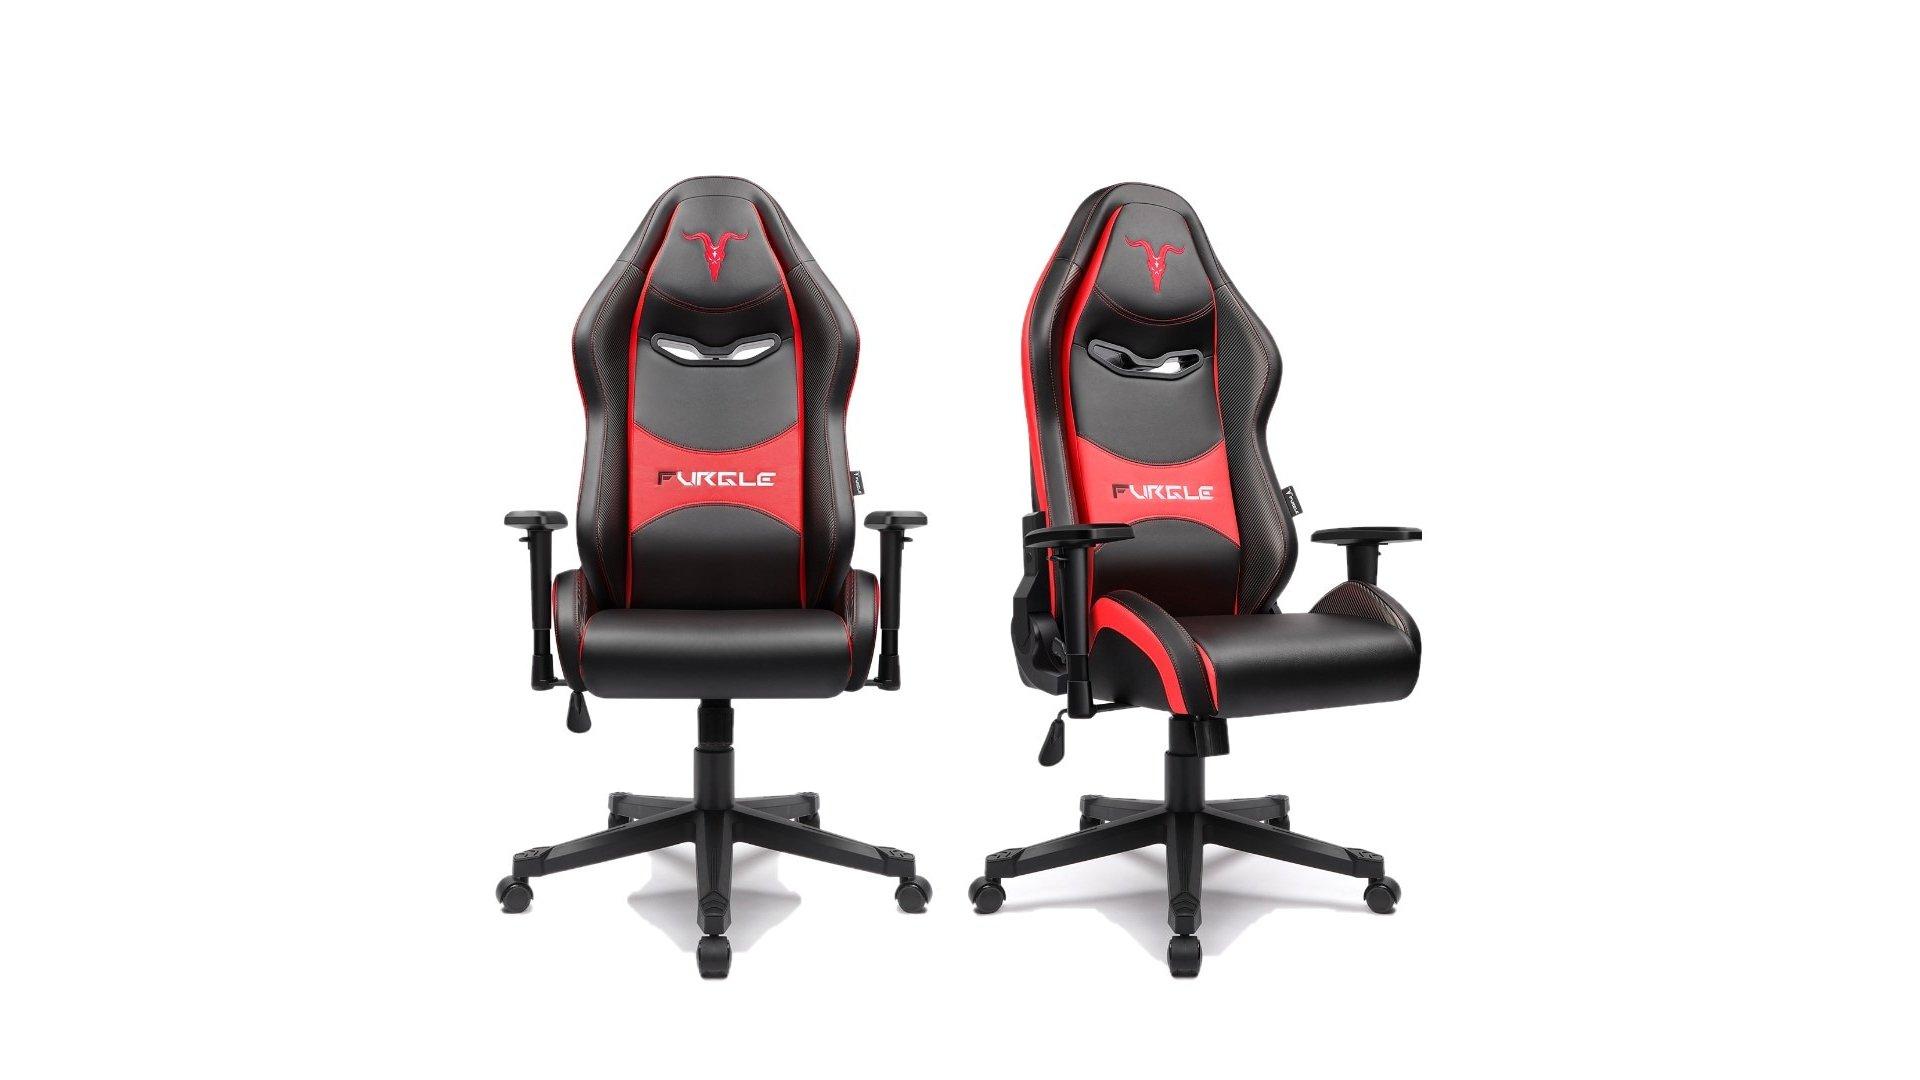 La chaise gaming Furgle Pro est en promotion sur Aliexpress !